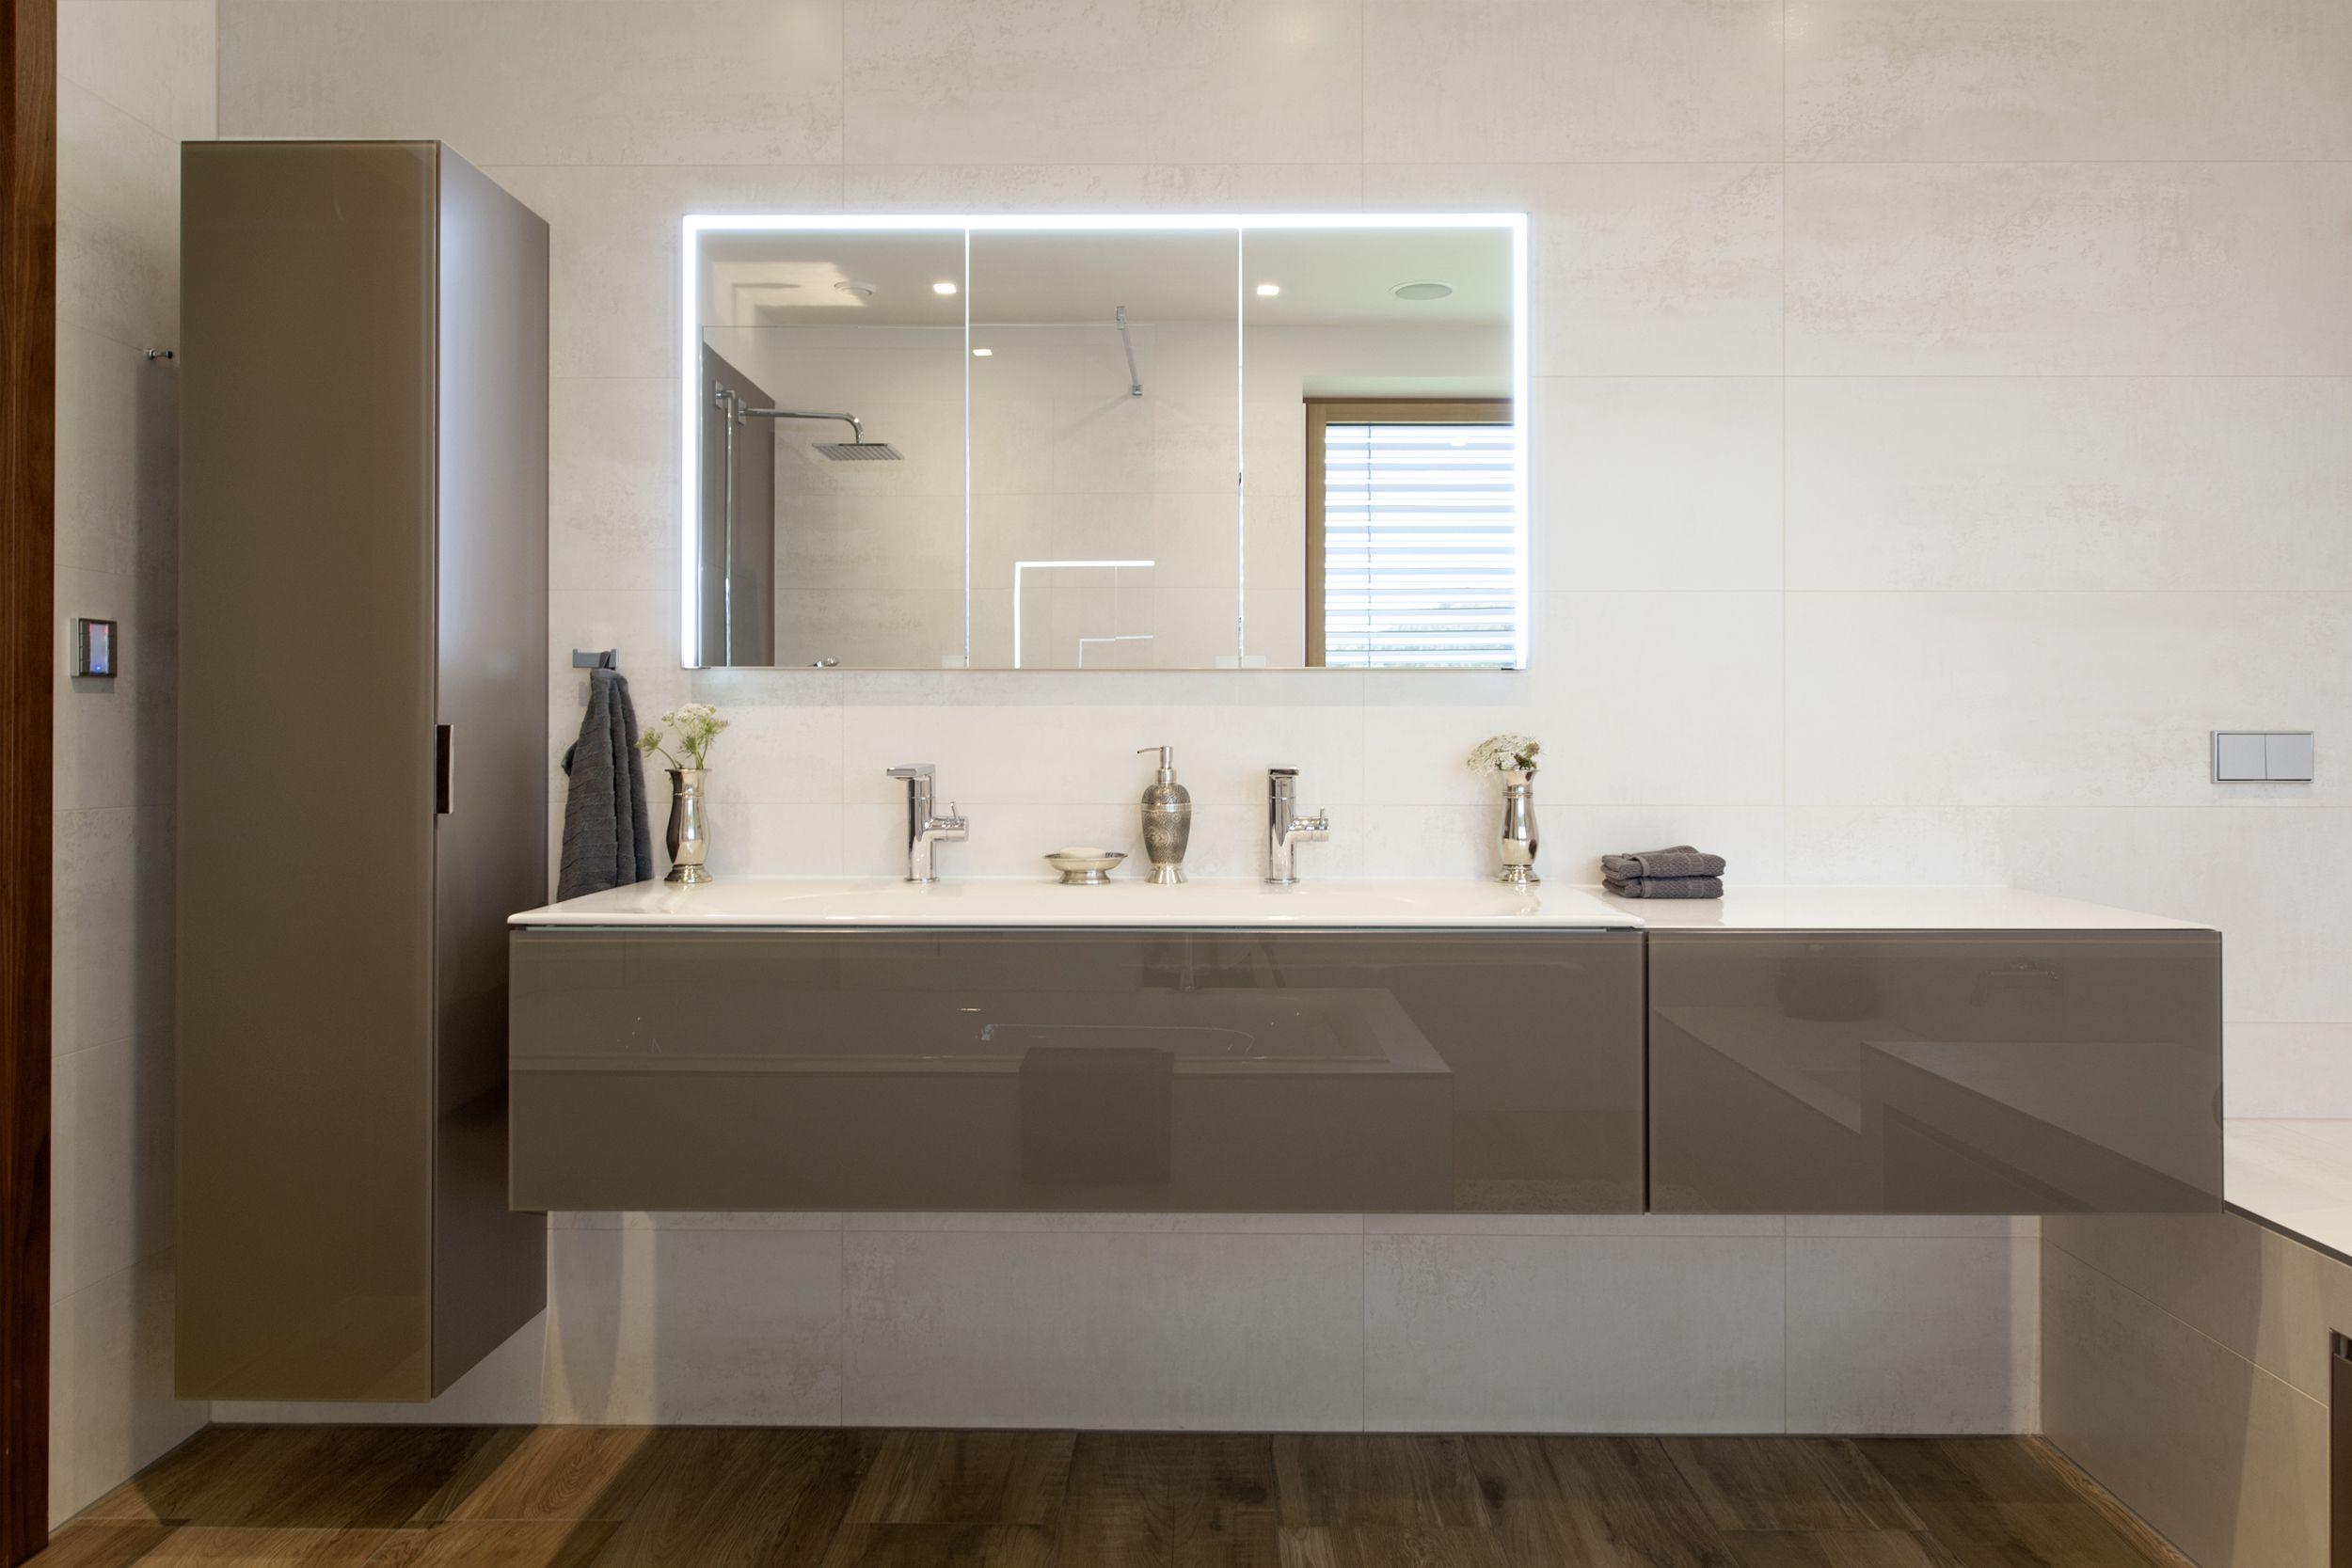 Beleuchteter Spiegelschrank In Die Wand Eingebaut Fliesenboden In Holzoptik Komfortable Einbauwanne Fr Begehbare Dusche Spiegelschrank Doppelwaschtisch